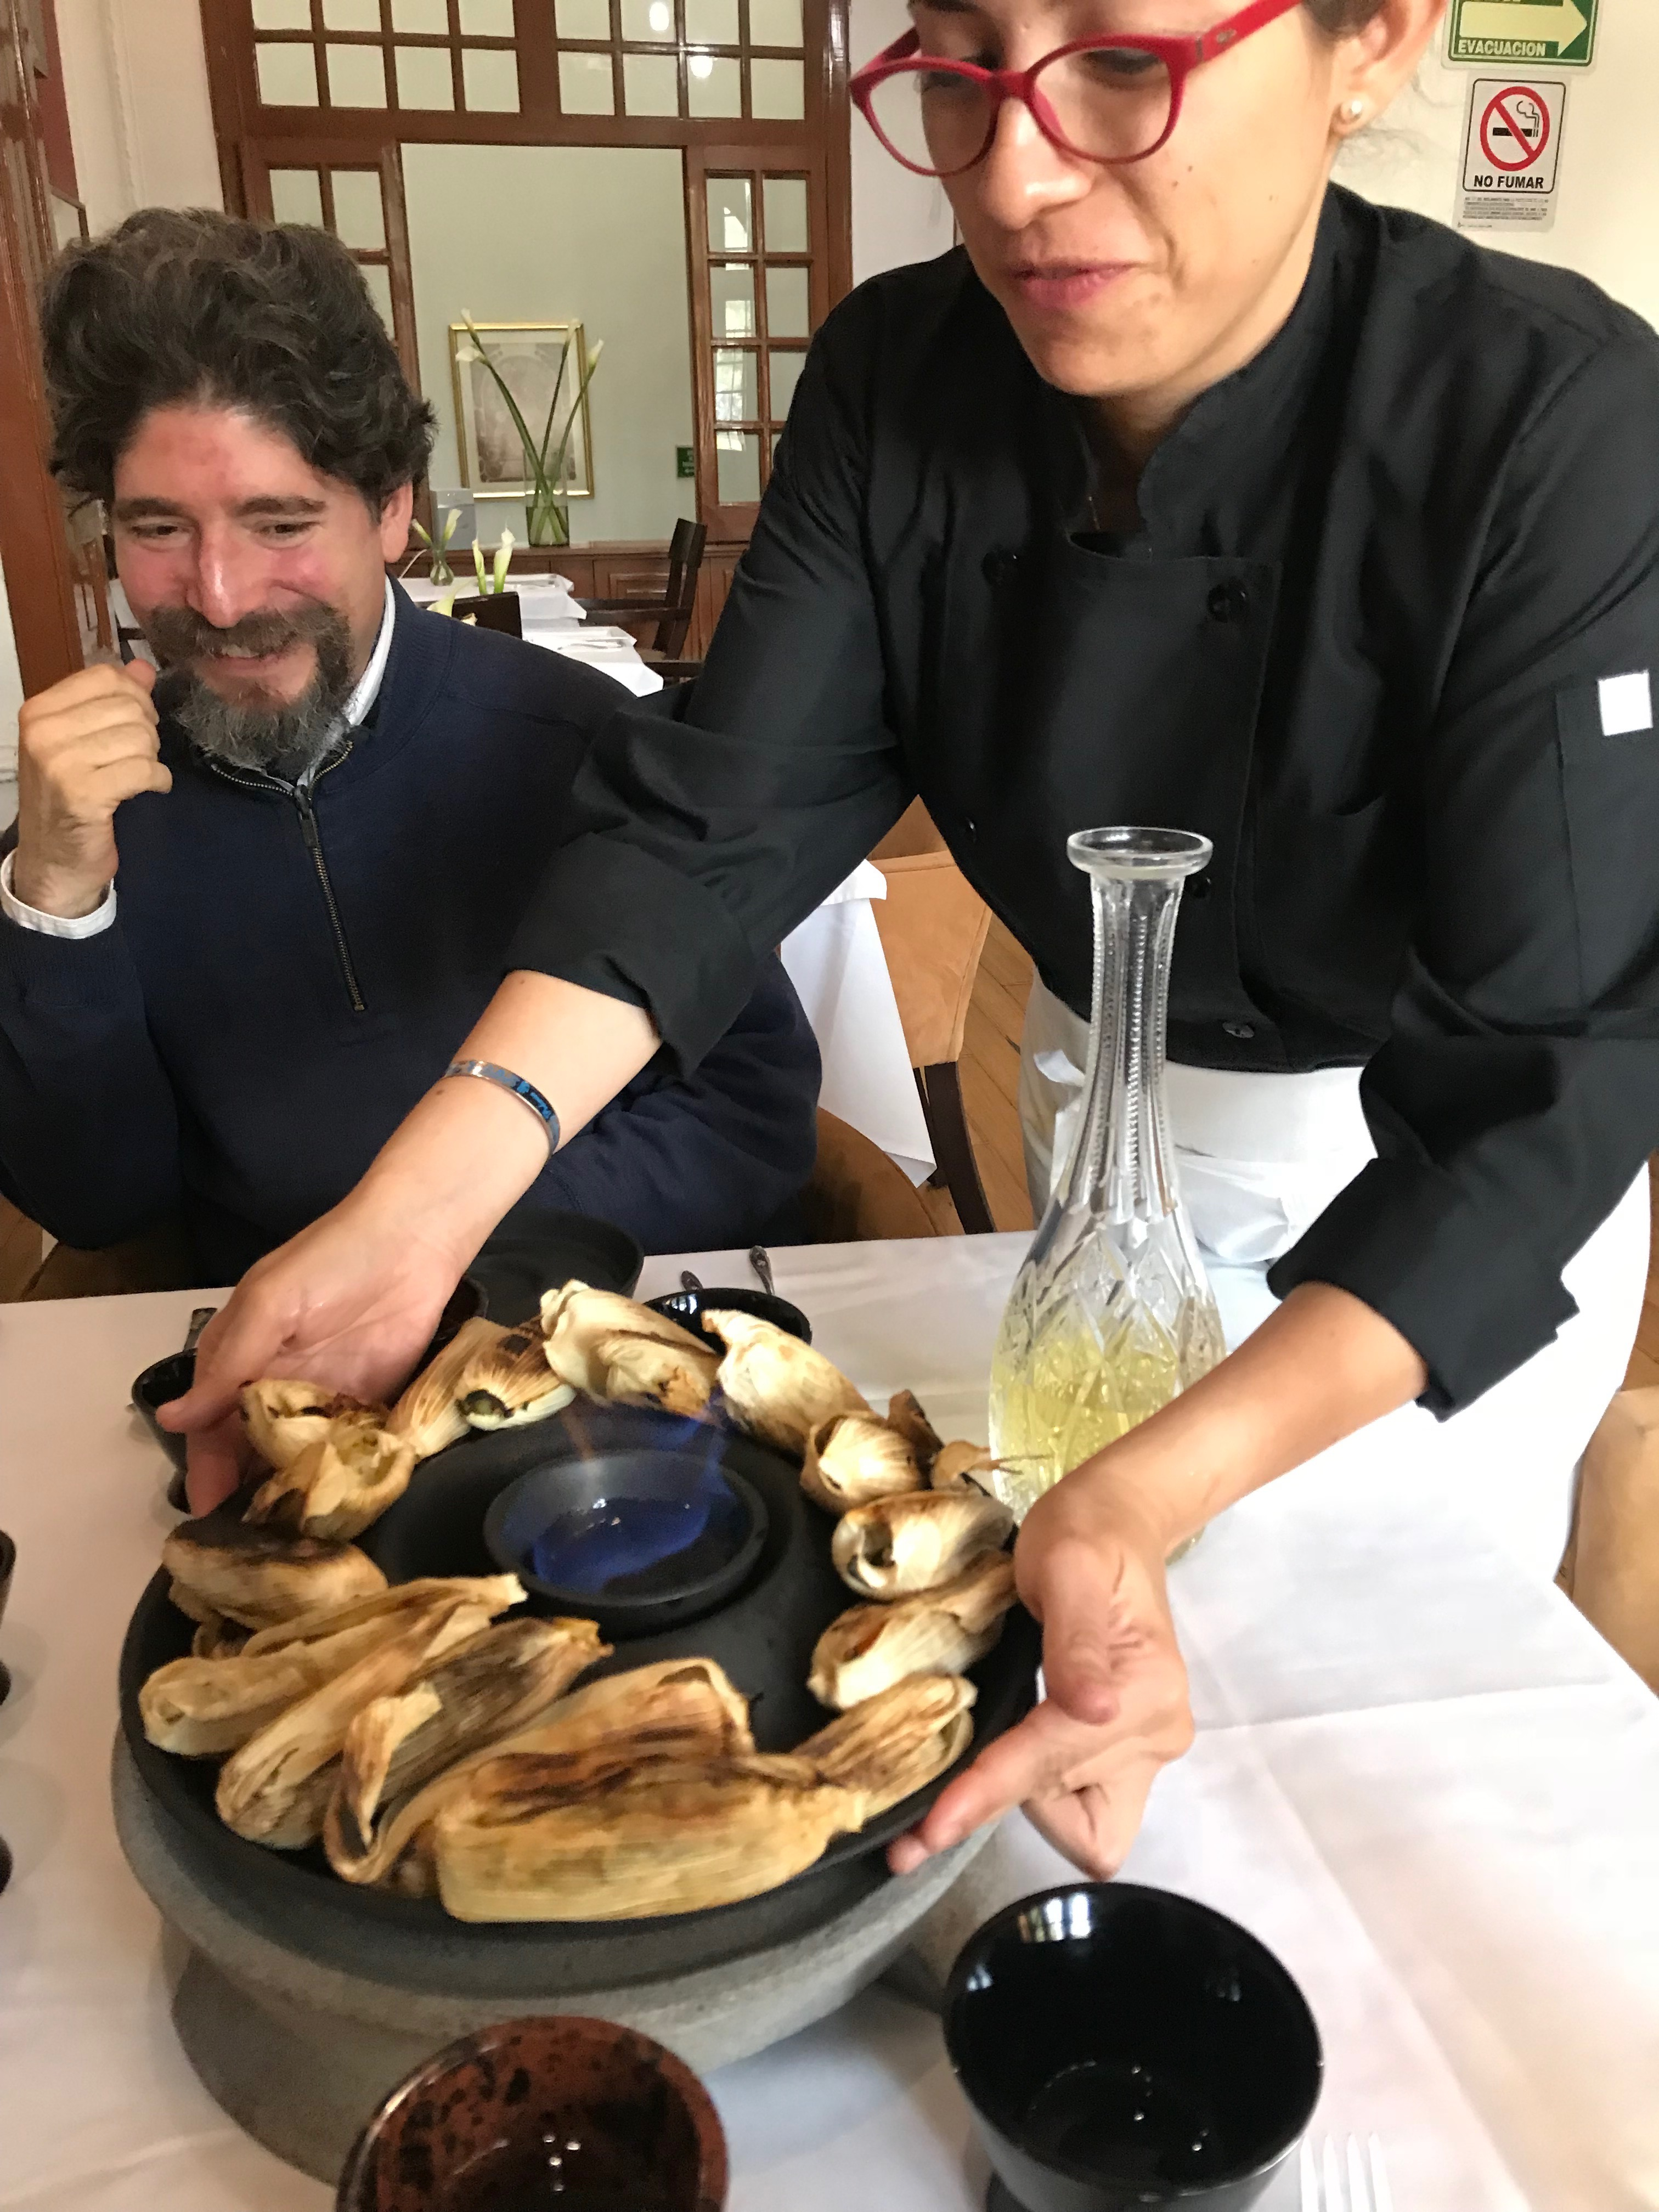 El chef Rodrigo Llanes y la chef Alejandra Gómez, con su apuesta de tamales, presentada en utensilios...